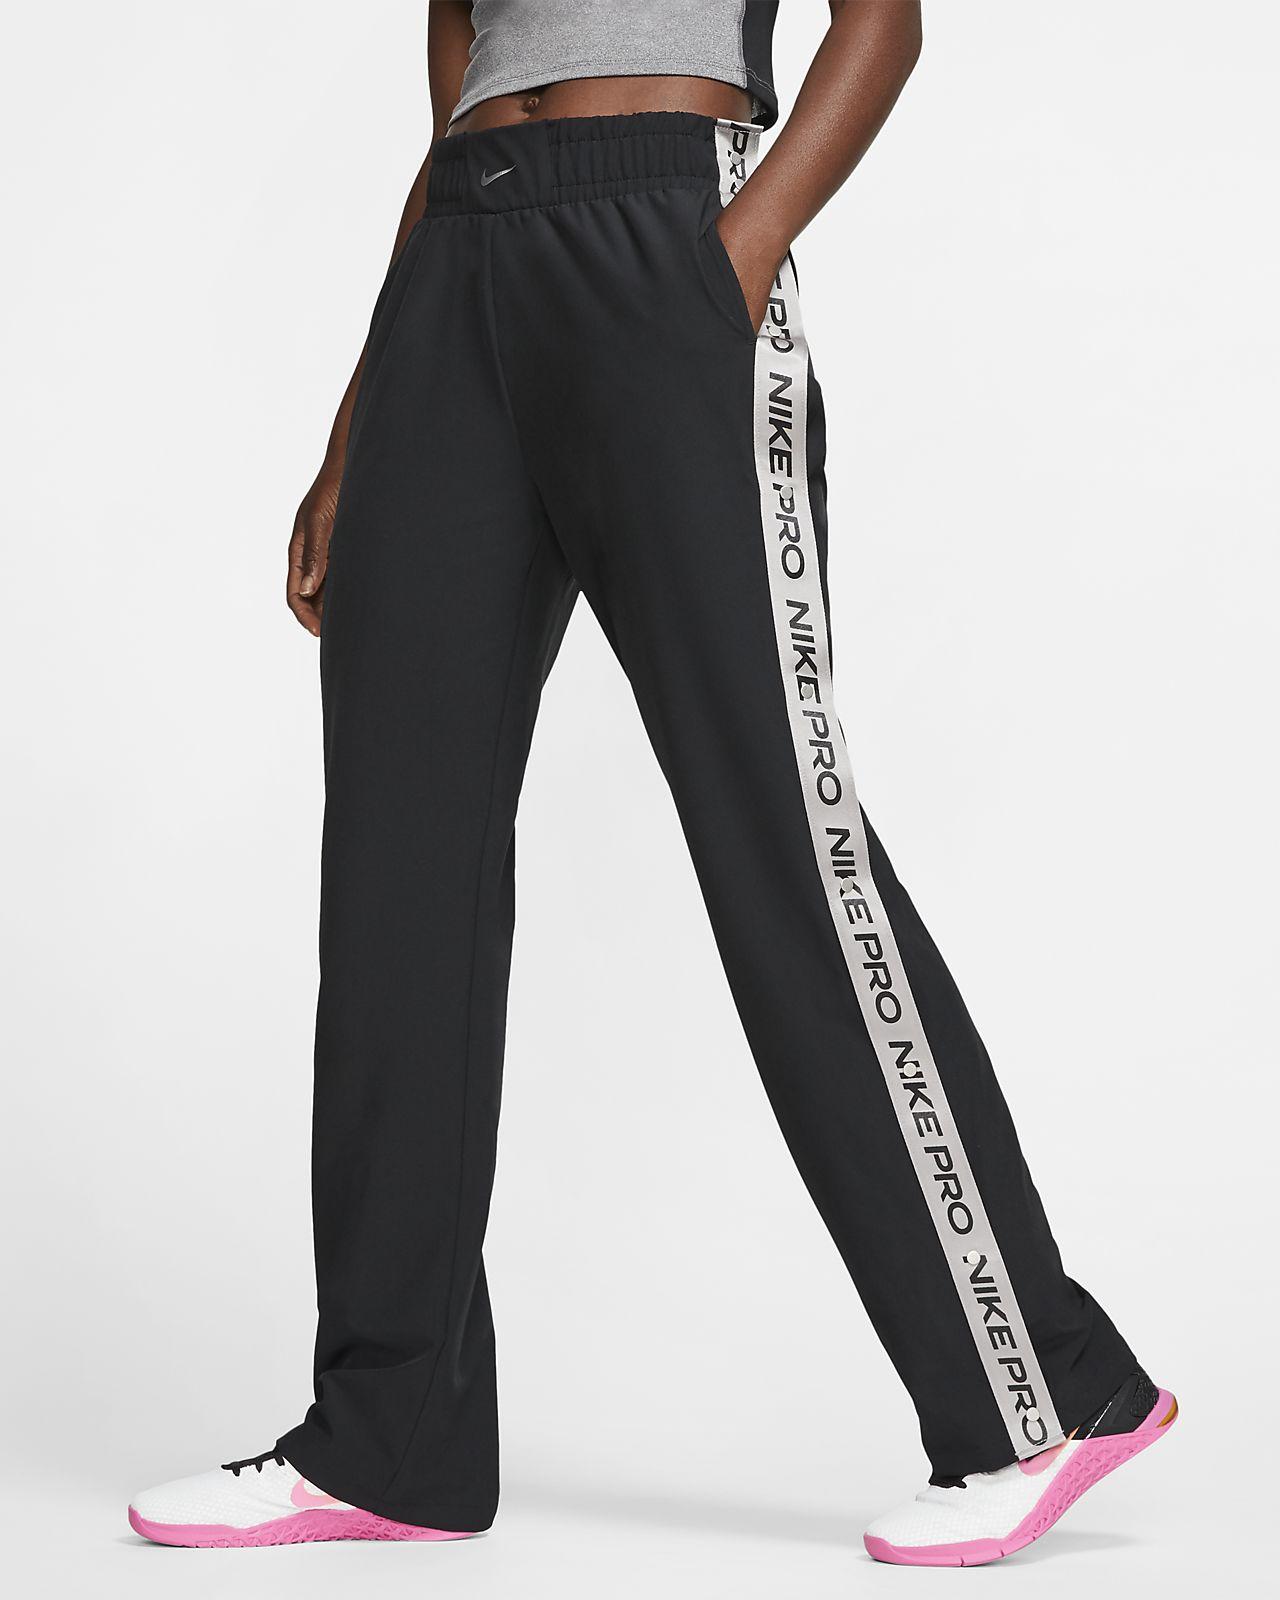 Nike Pro Tear Away bukse til dame